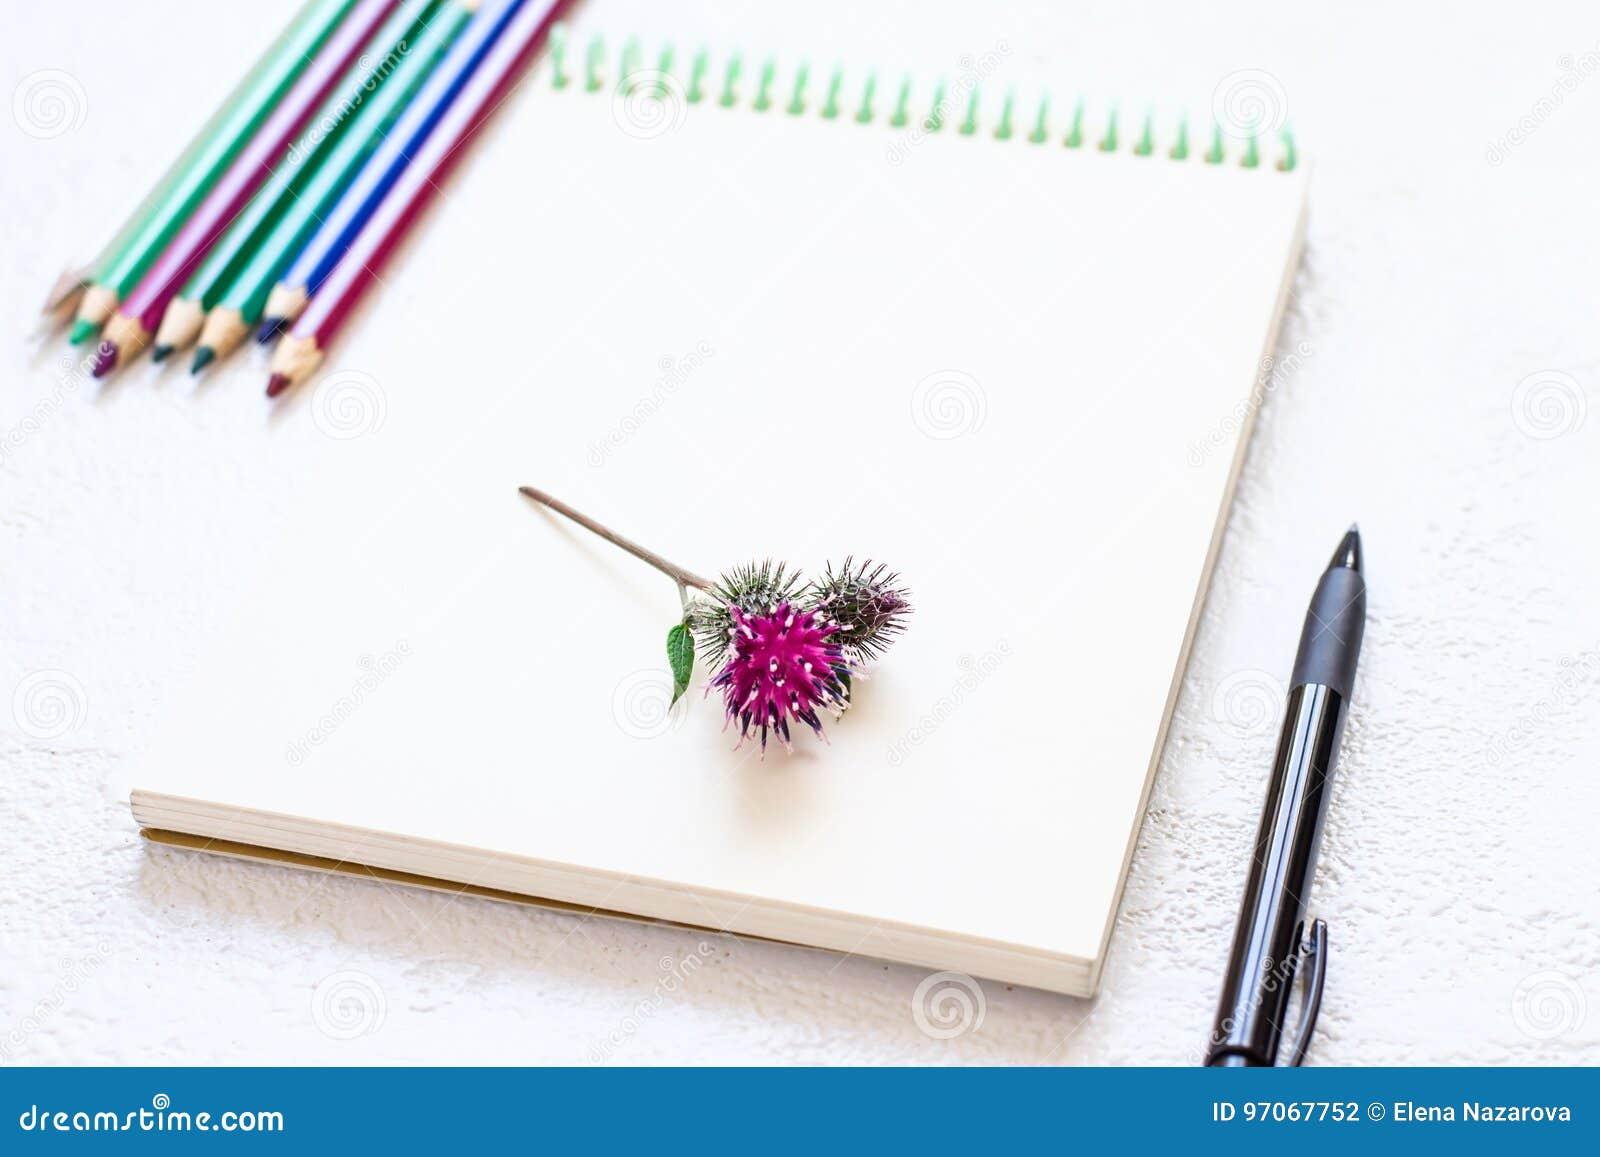 Libreta Para Dibujo: Libreta Para Dibujar Y El Sistema De Lápices En Tonos